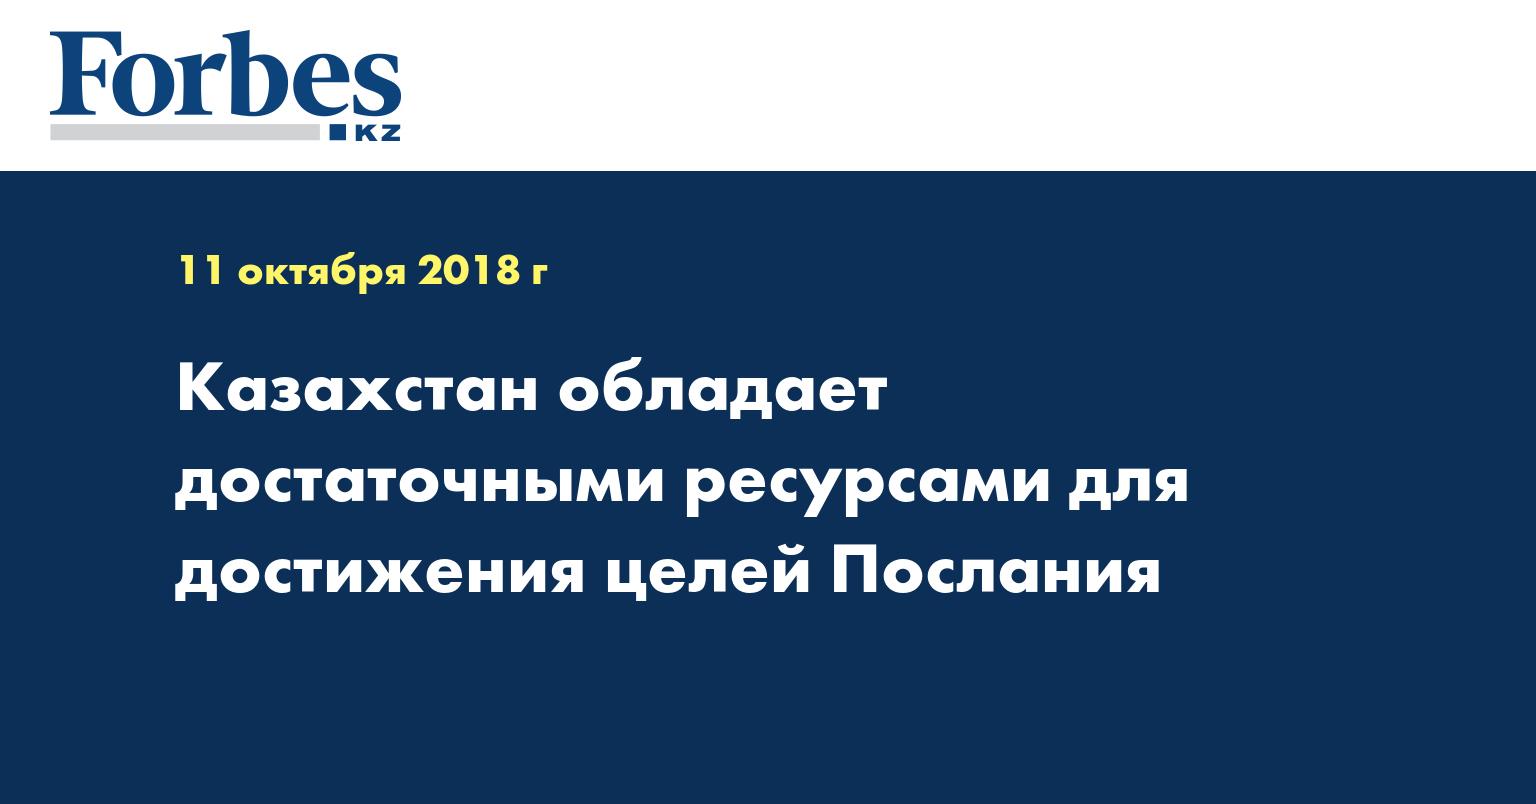 Казахстан обладает достаточными ресурсами для достижения целей Послания